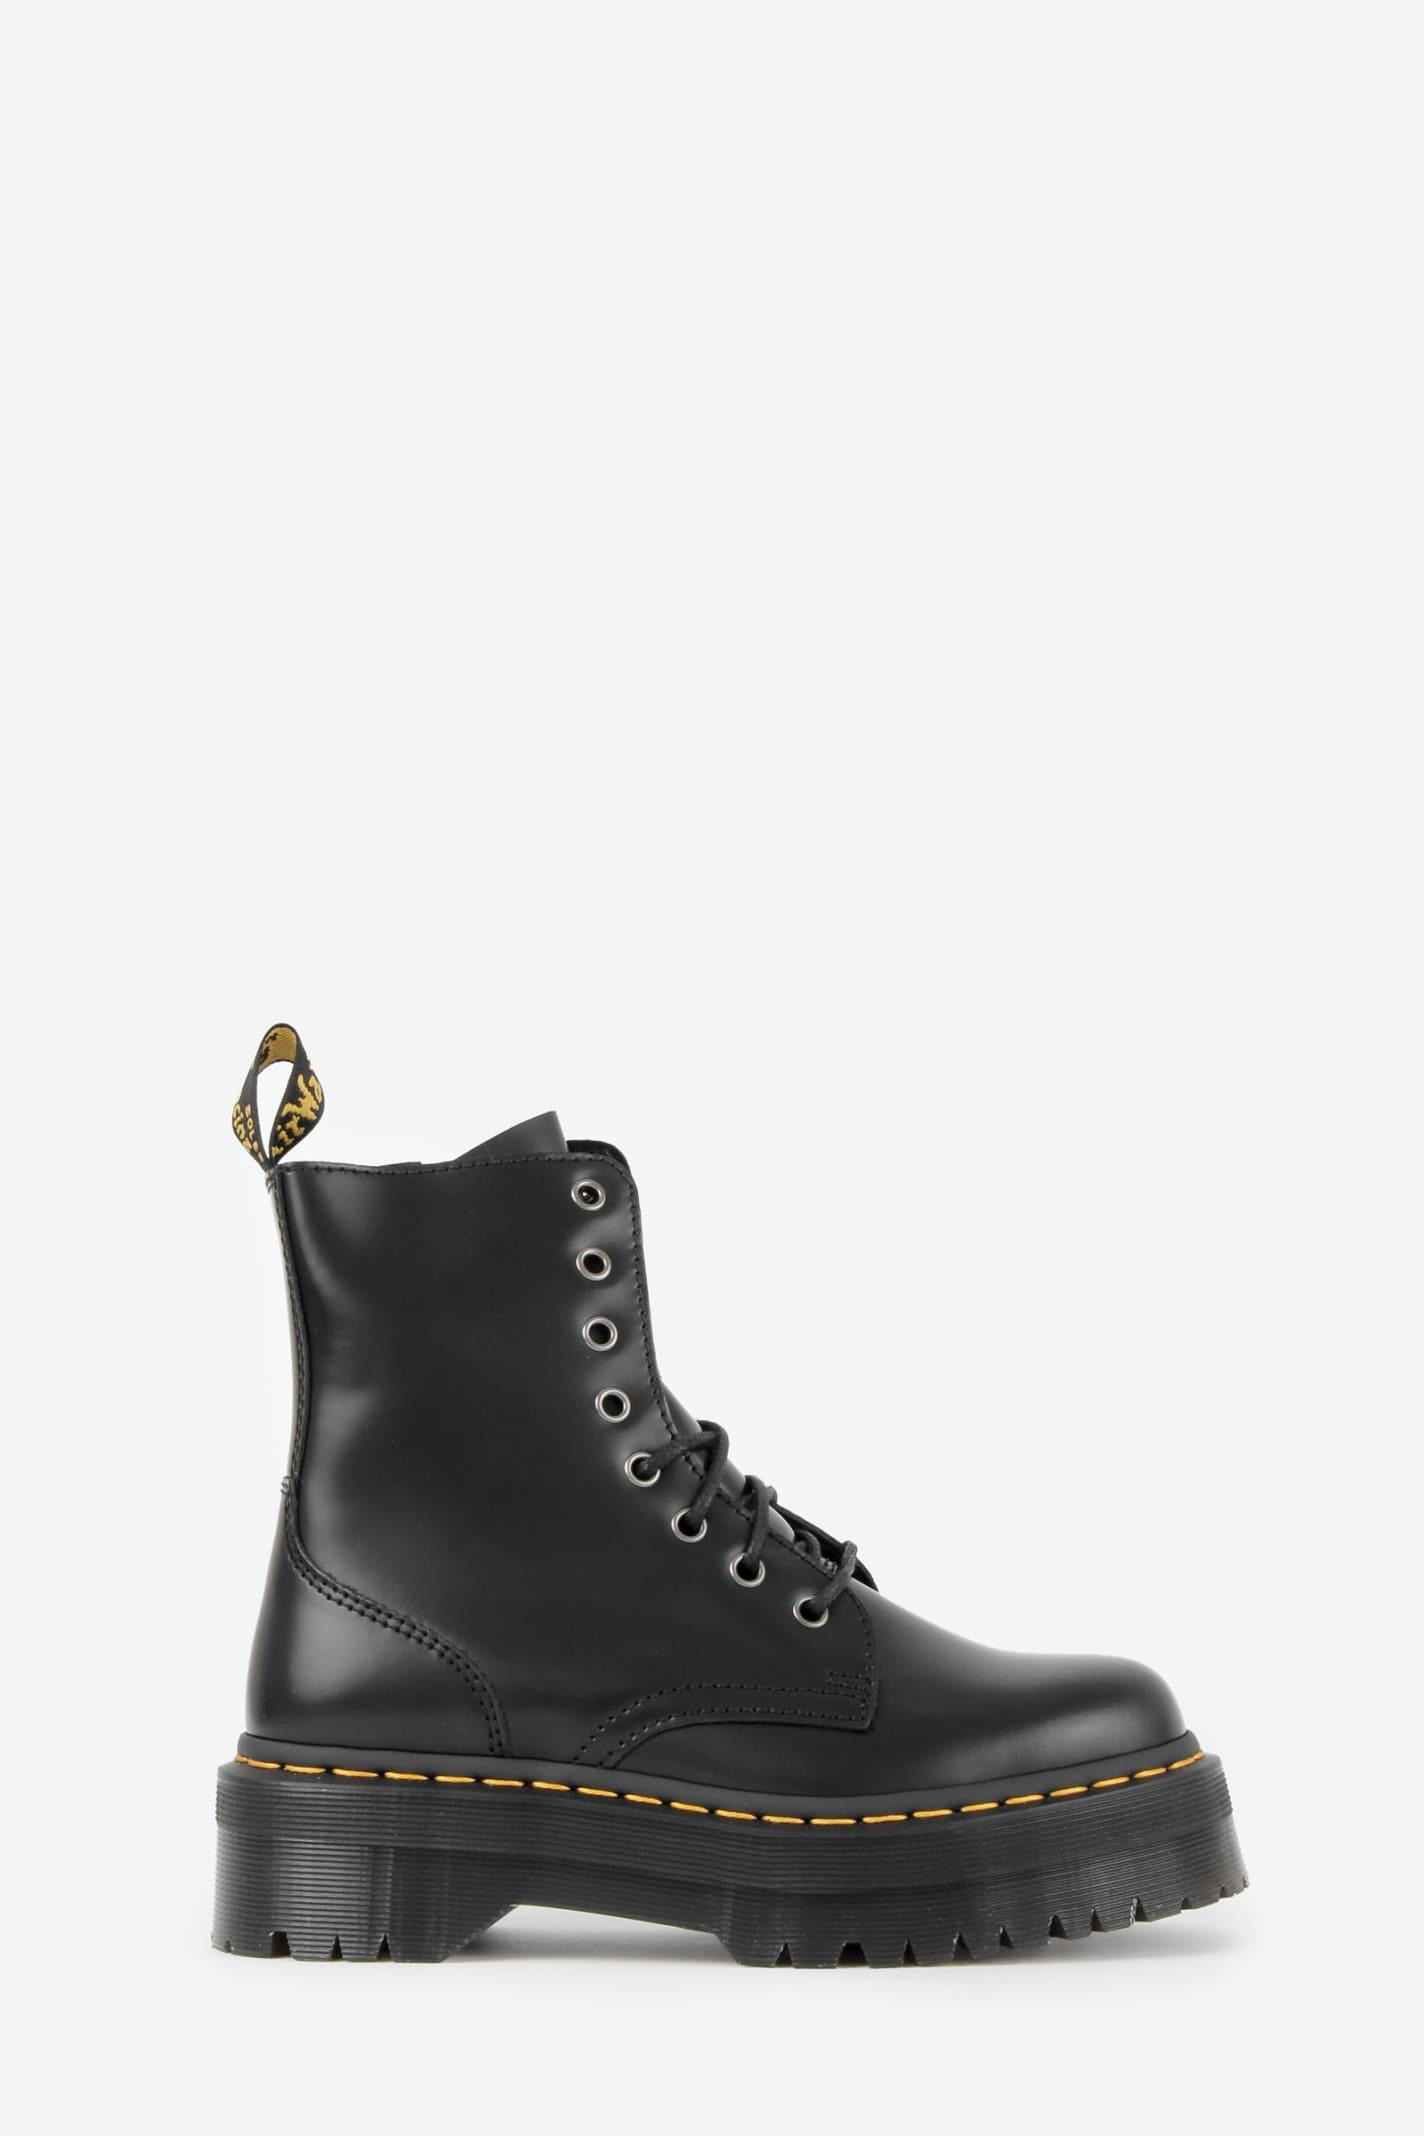 Dr. Martens Jadon Polished Smooth Combat Boots